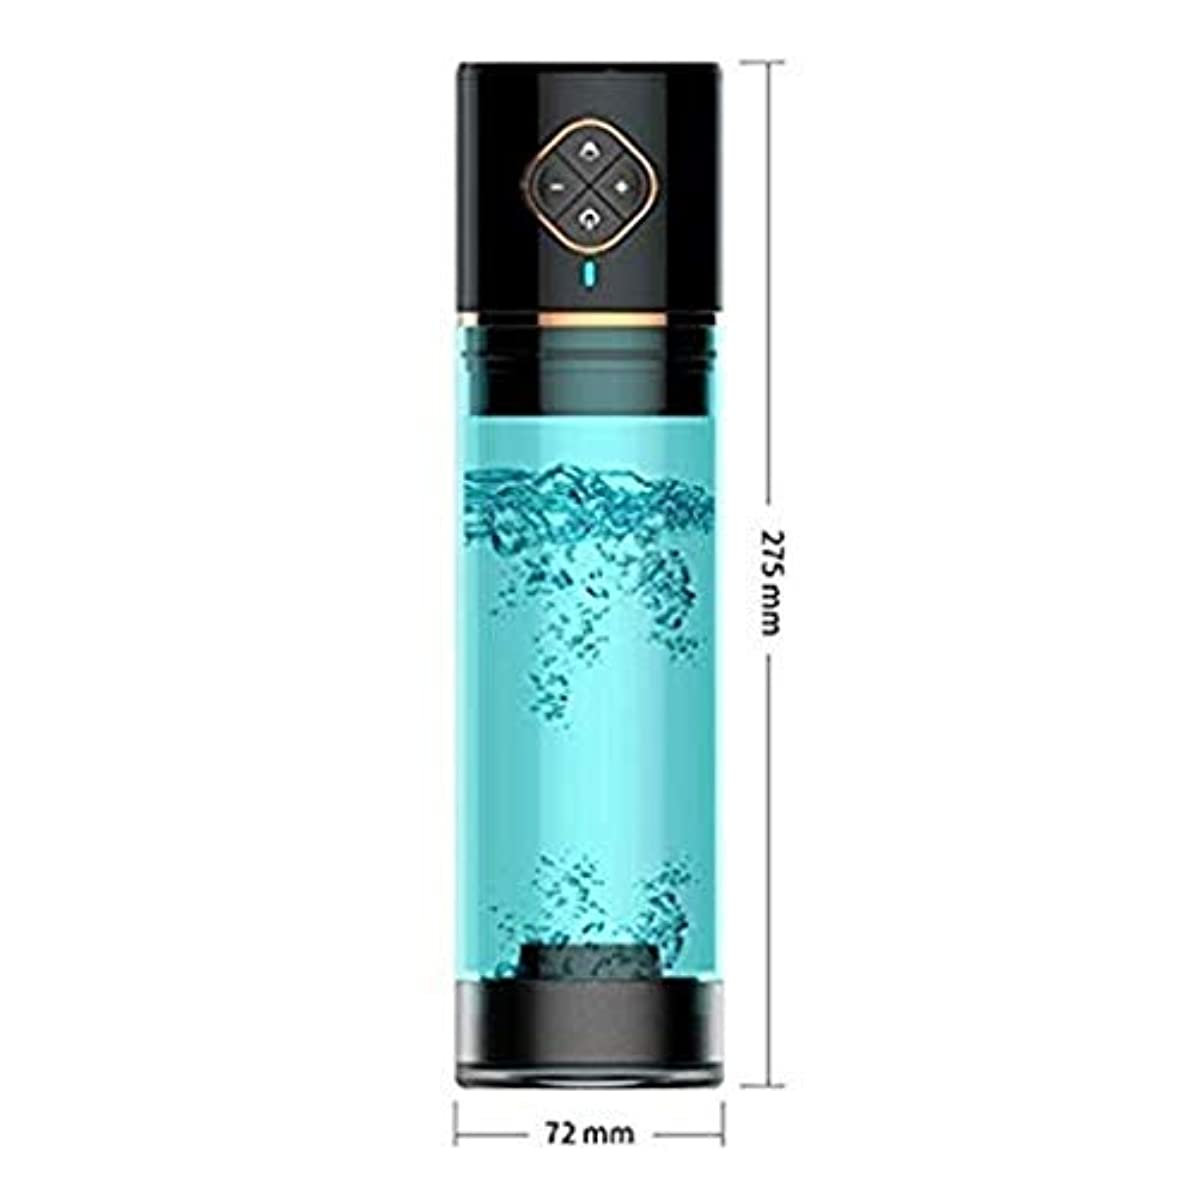 無臭ご近所服を片付けるRisareyi 男性の引き伸ばしポンプ自動空気圧ポンプPenǐsextenderエンハンサー-男性用リラクゼーションデバイス